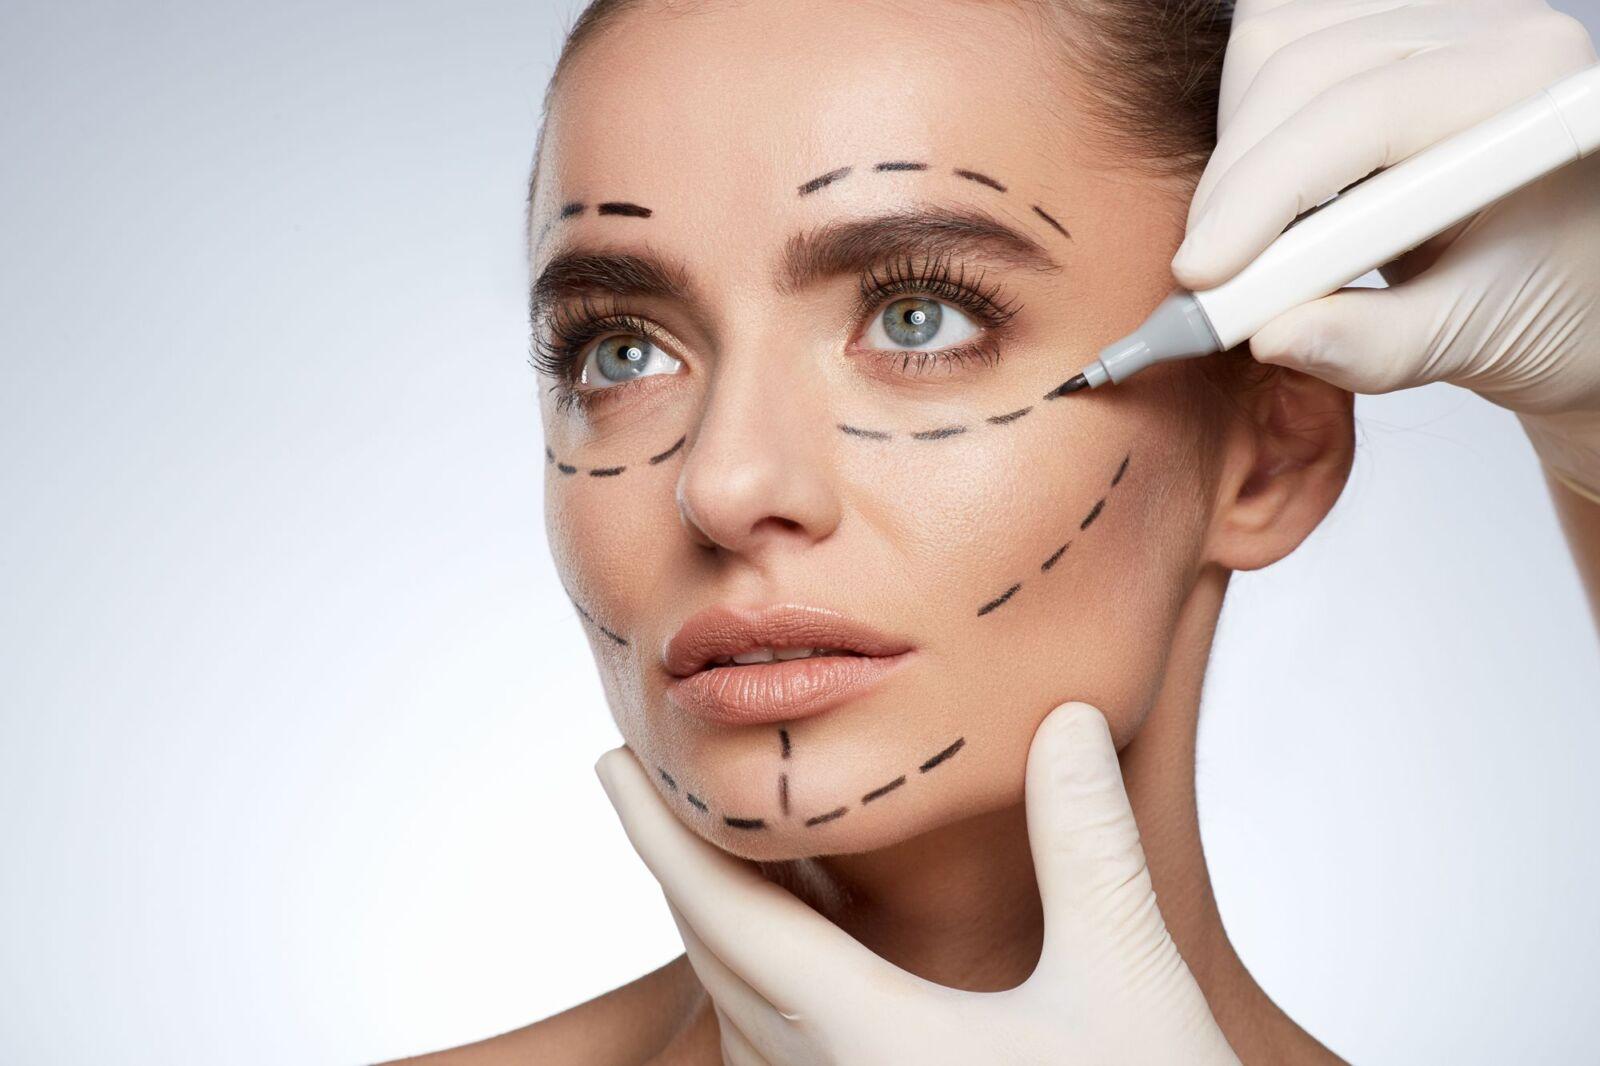 Mitos e verdades sobre cirurgia plástica!